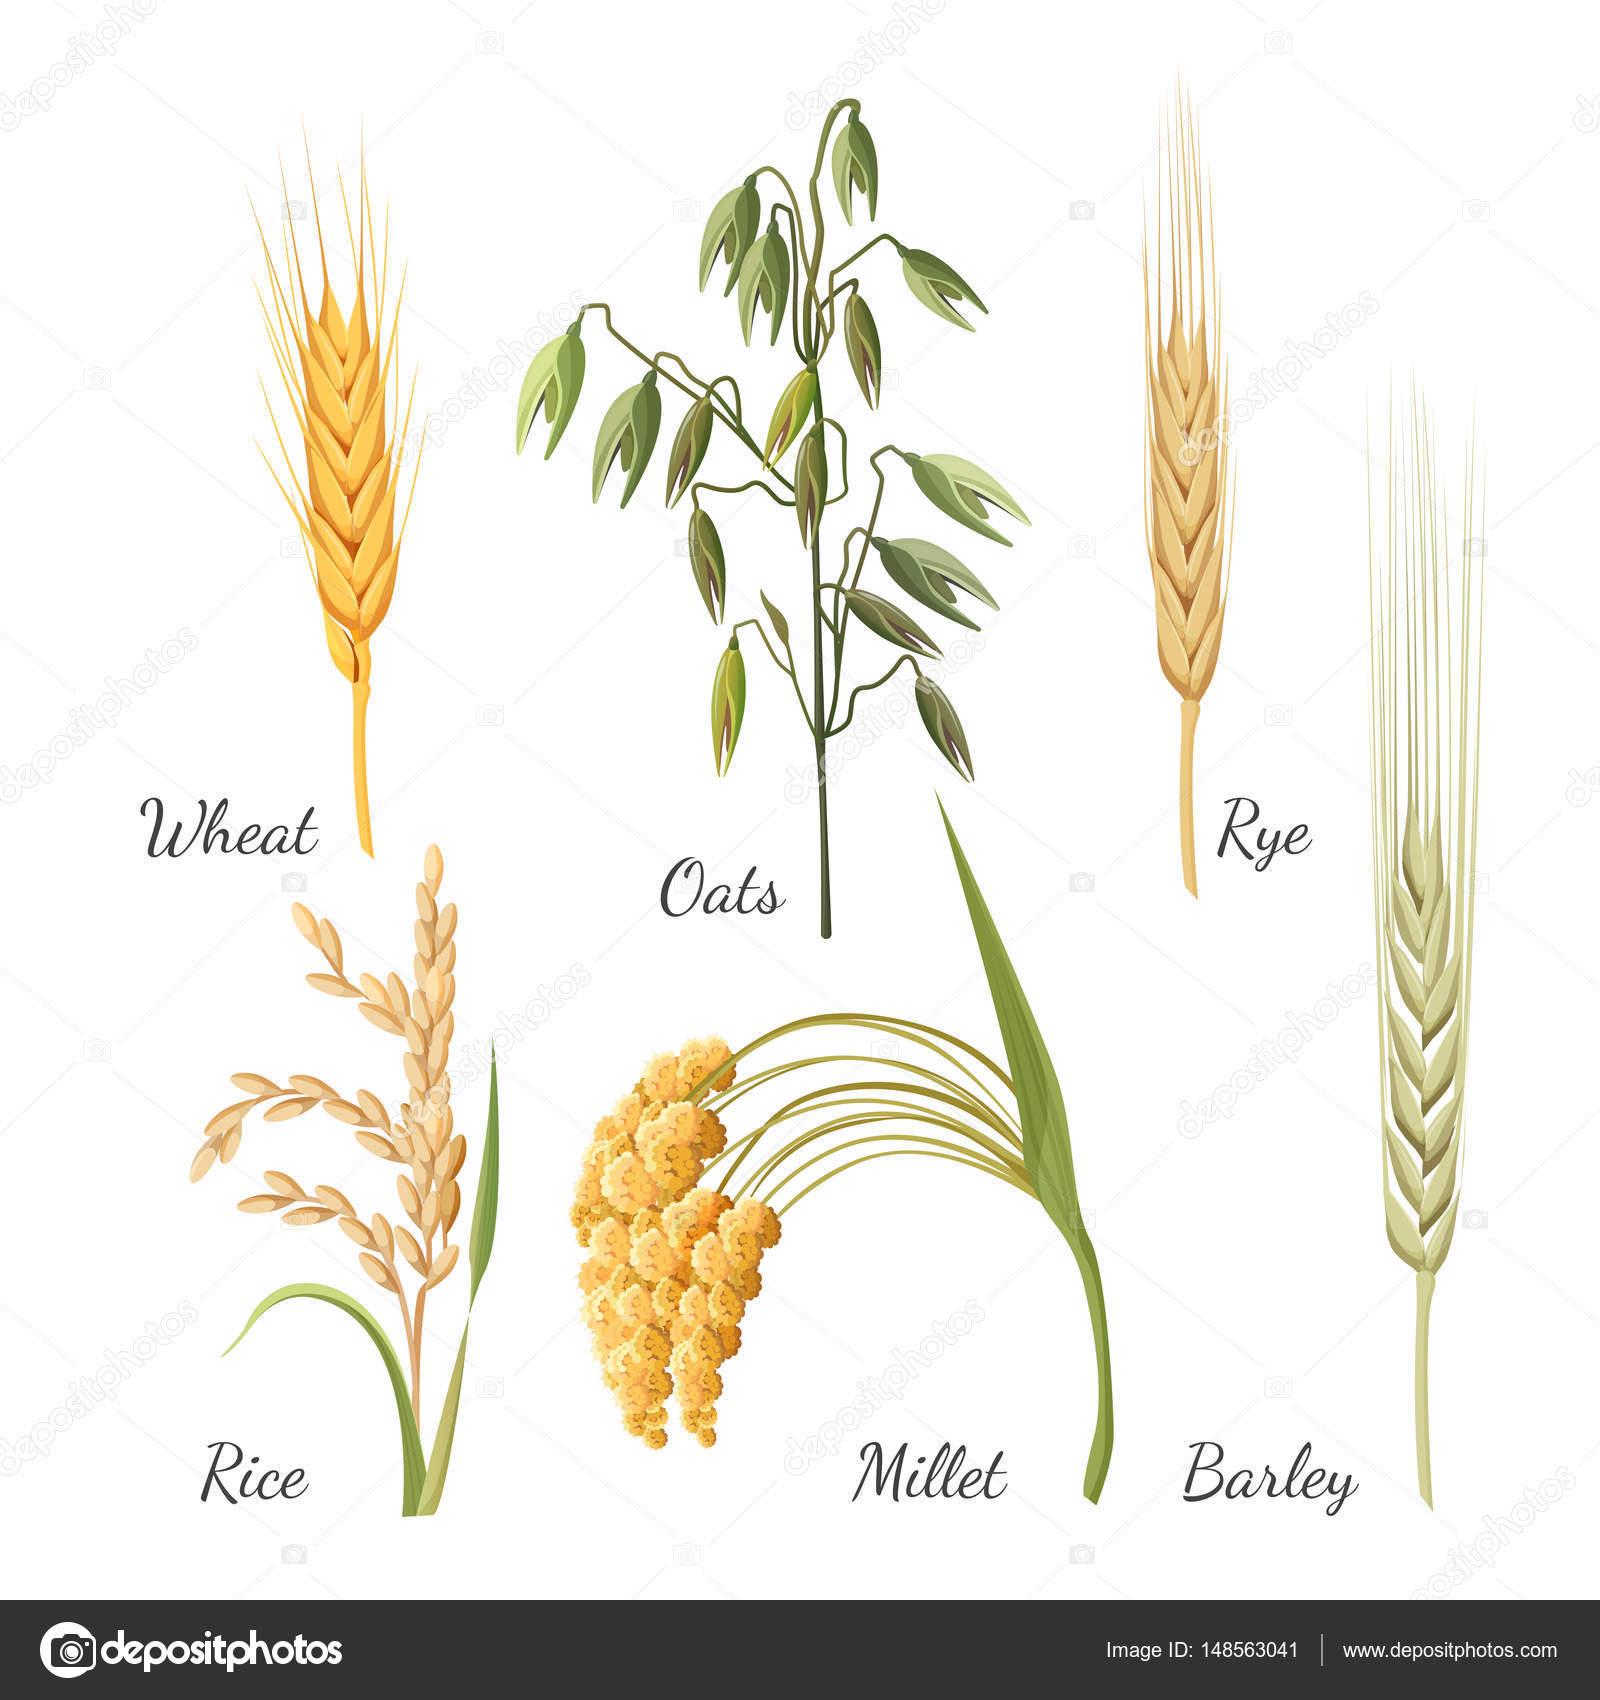 просо пшеница овес люцерна клевер свекла картинки увеличения рабочего объёма